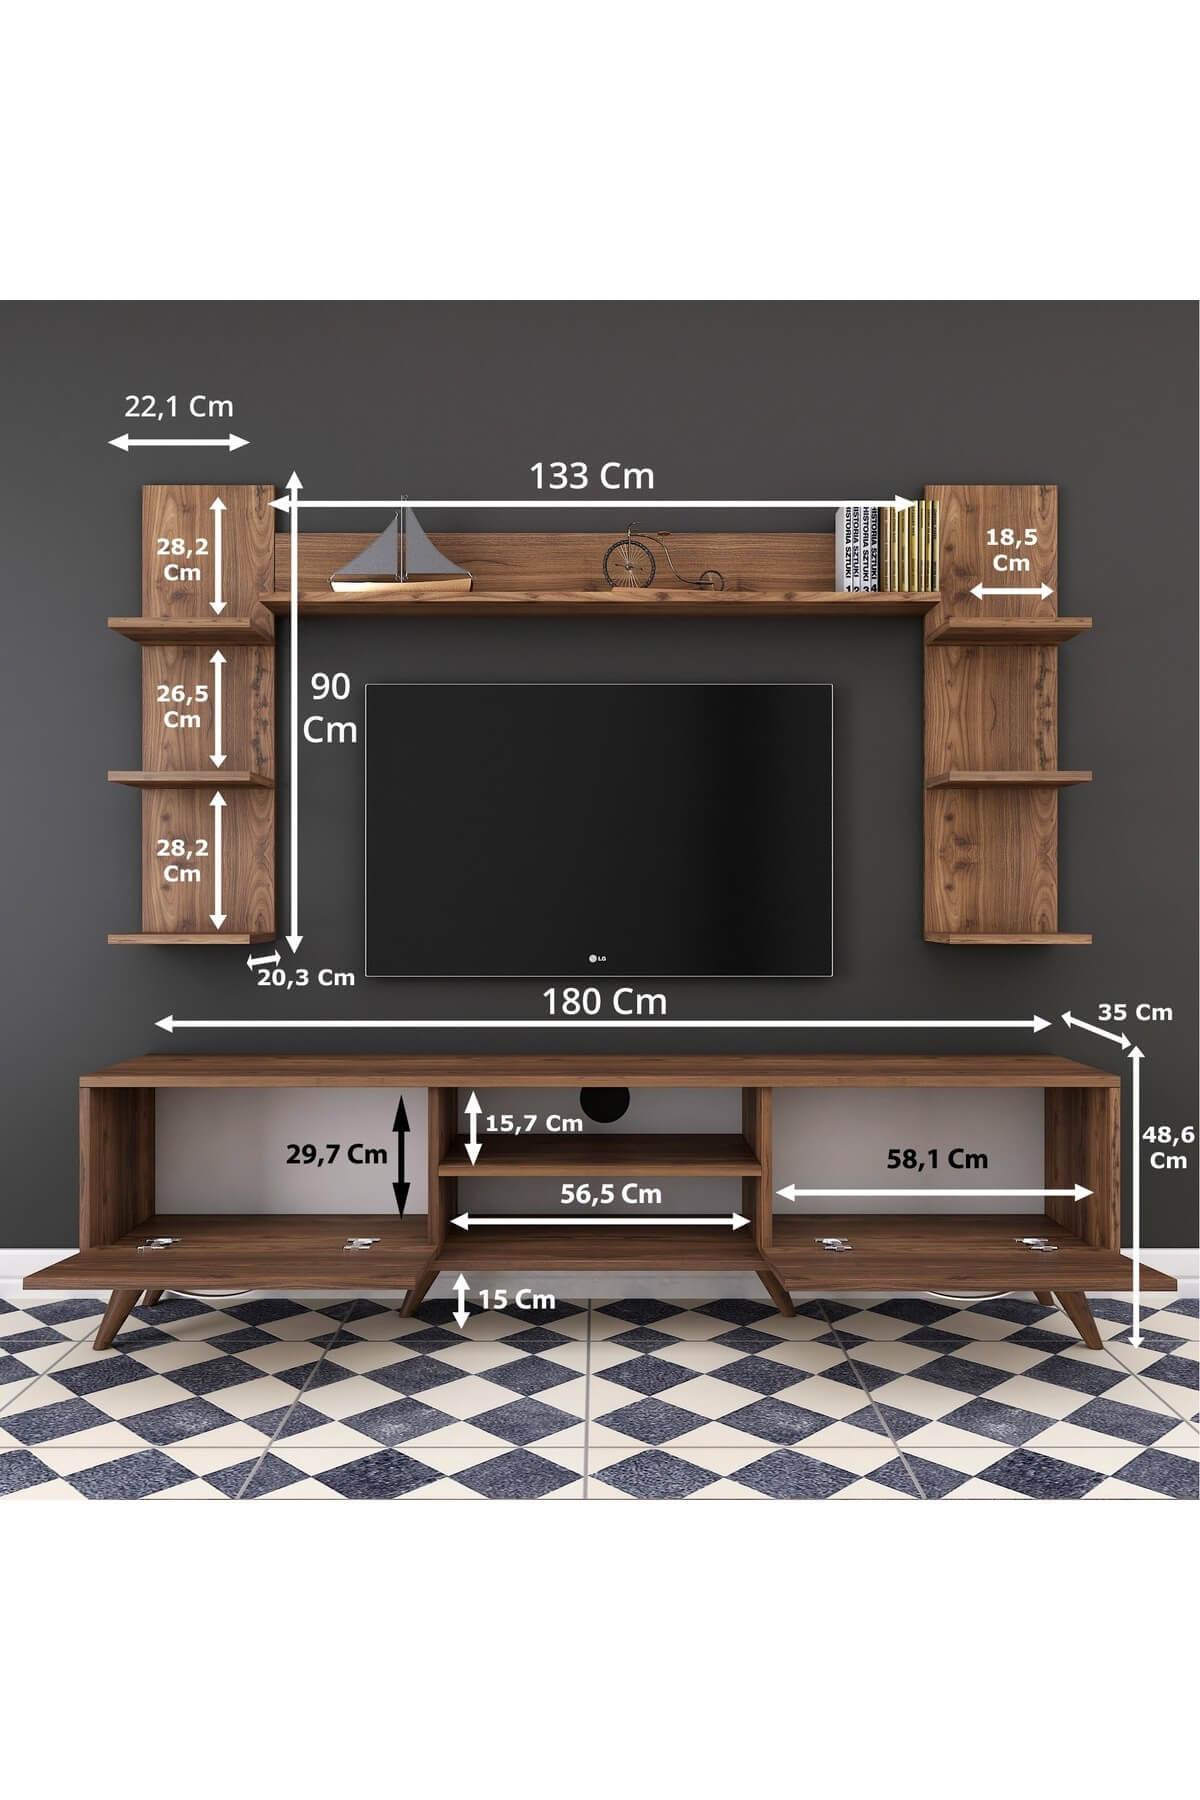 Rani Mobilya A9 Duvar Raflı Kitaplıklı Tv Ünitesi Duvara Monte Dolaplı Modern Ayaklı Tv Sehpası Ceviz M23 2